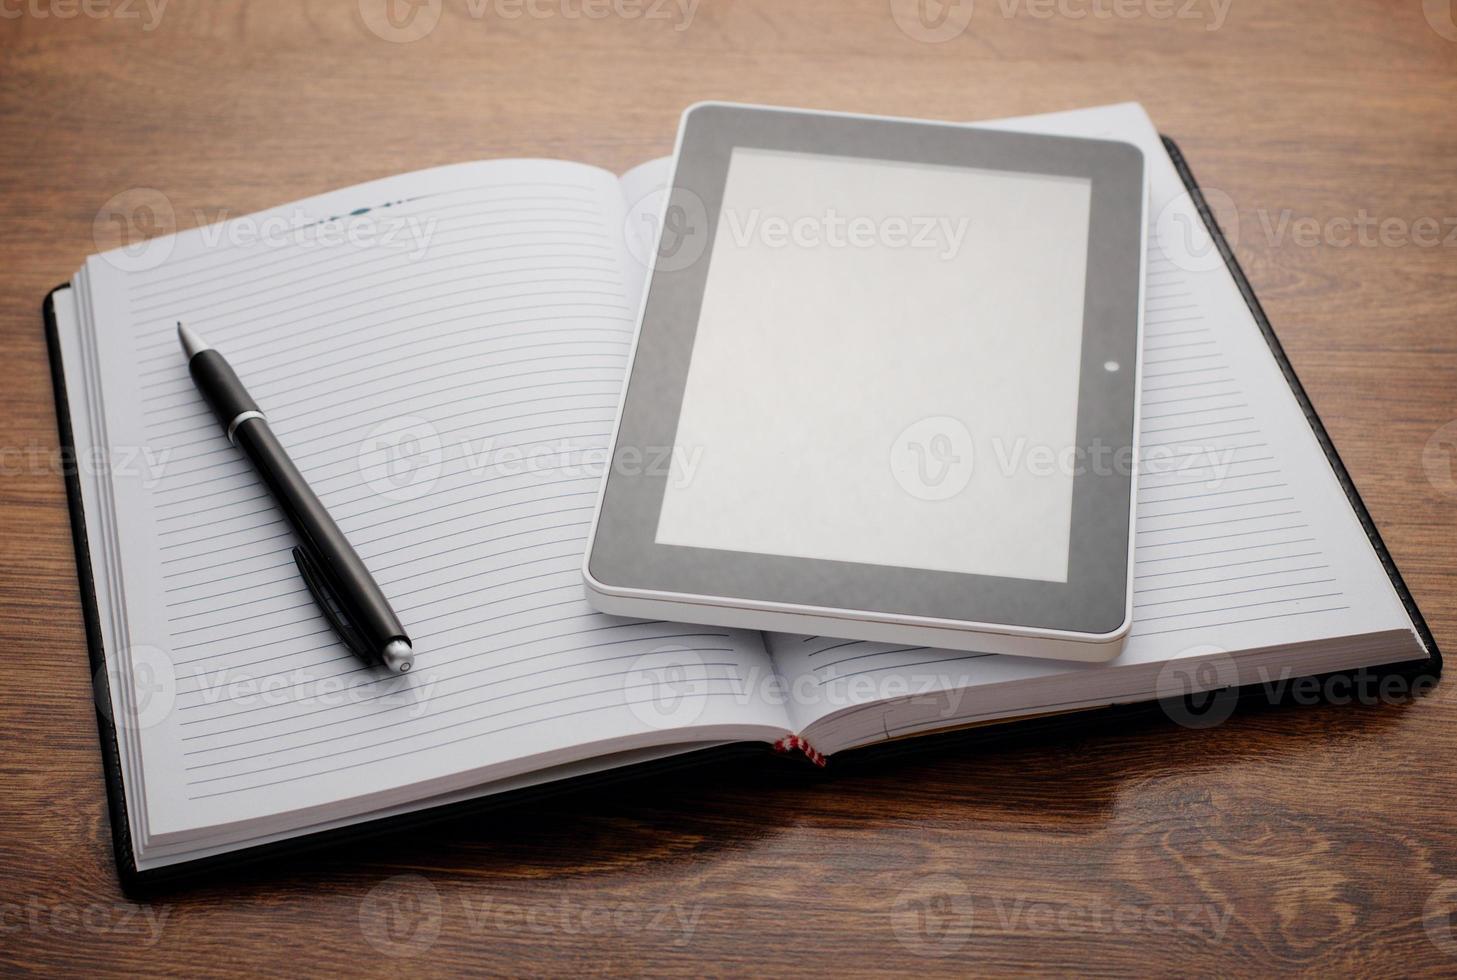 dispositivo tablet no notebook aberto na mesa de madeira foto